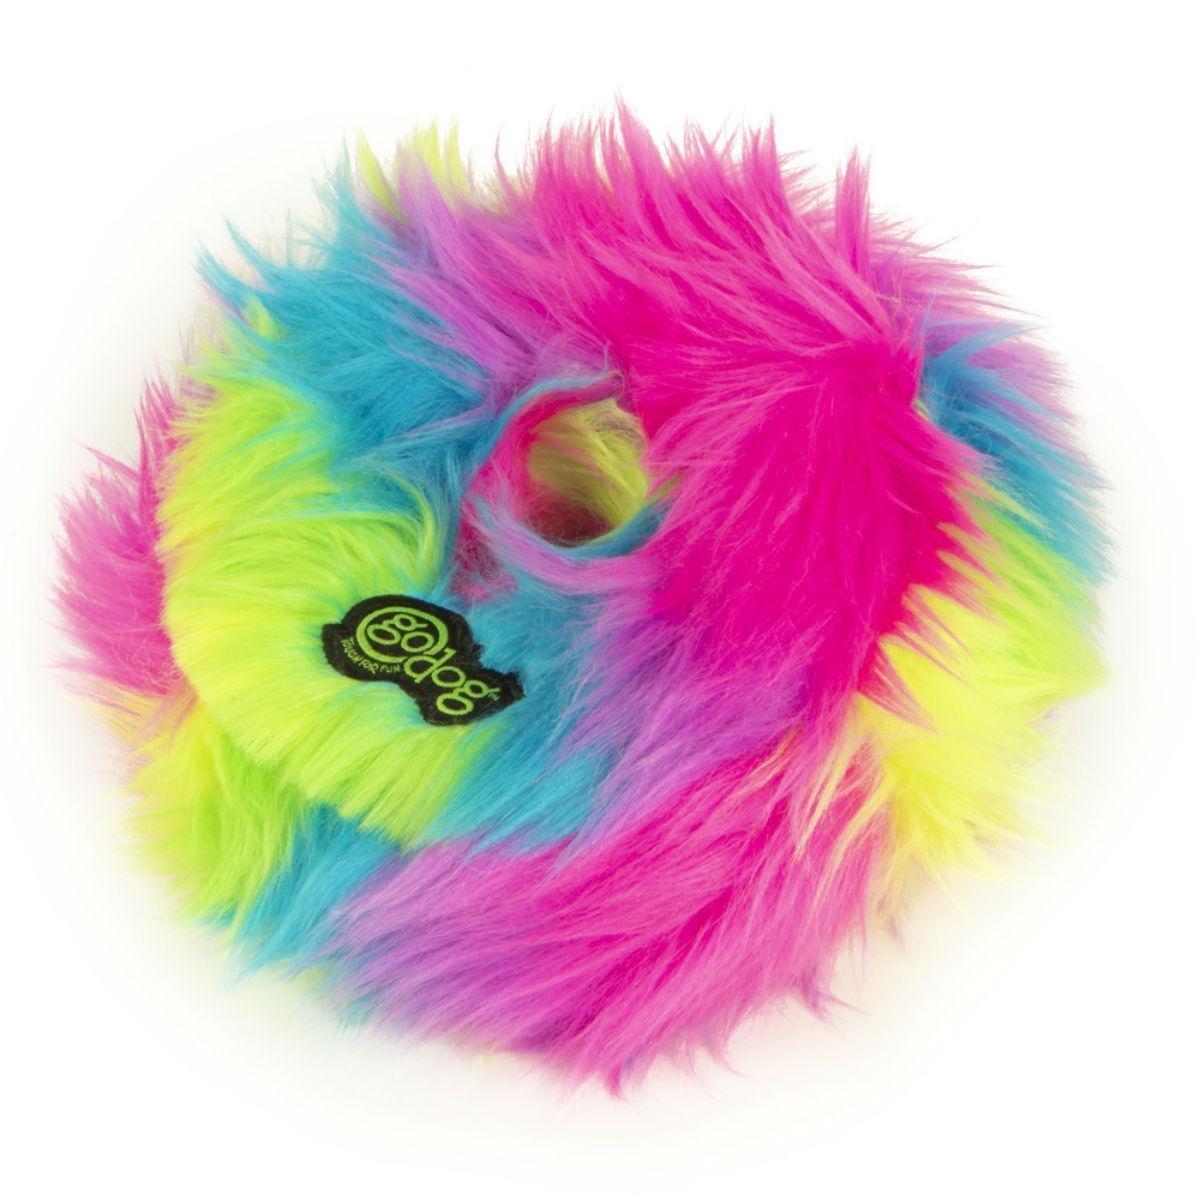 goDog Furballz Rainbow Ring Small